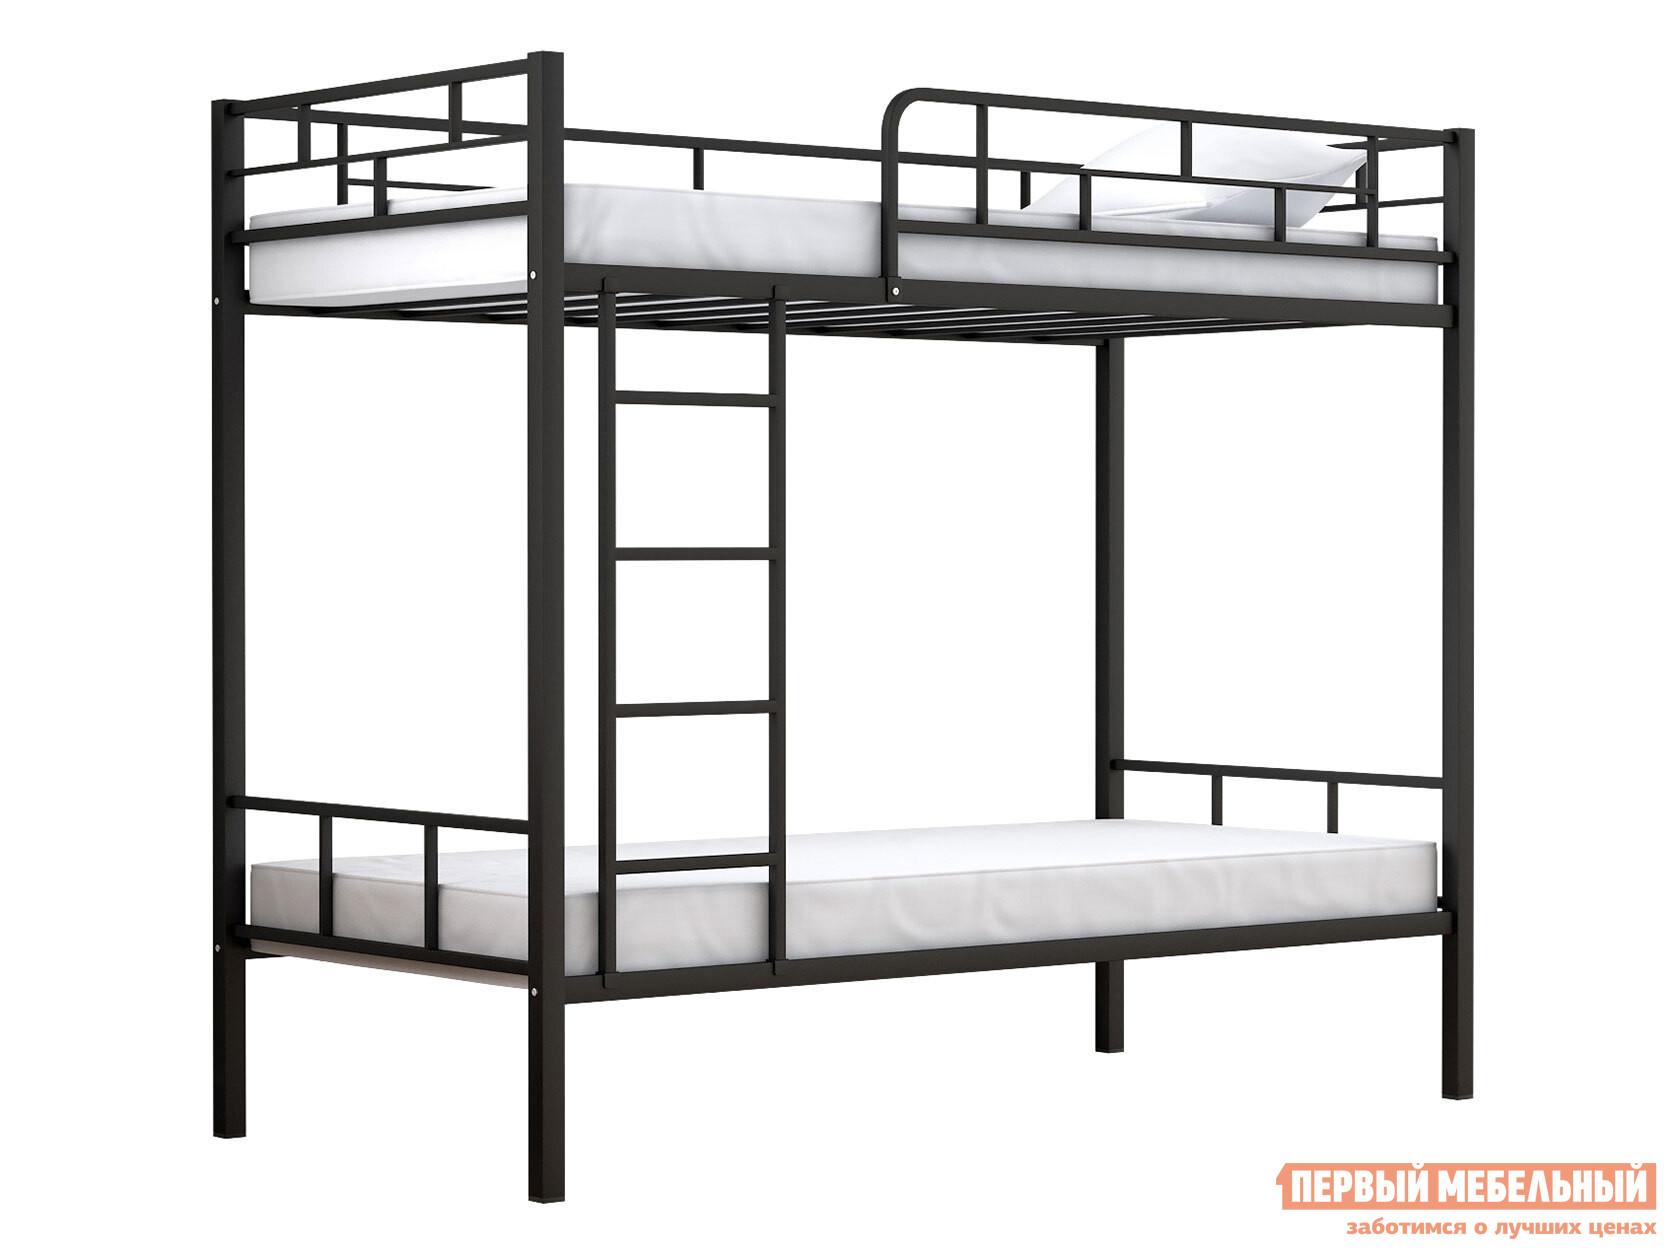 Кровать  Двухъярусная Валенсия 90 Черный, Без полок и ящиков ЧСМФ 122854